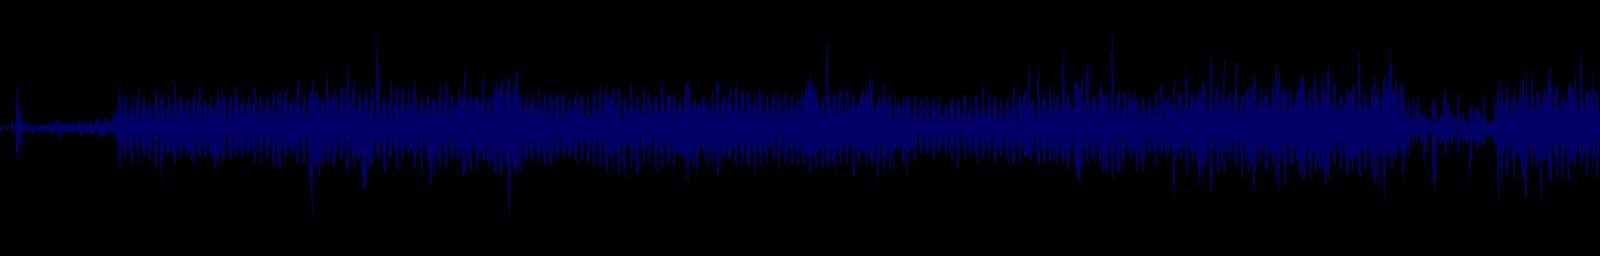 waveform of track #131204